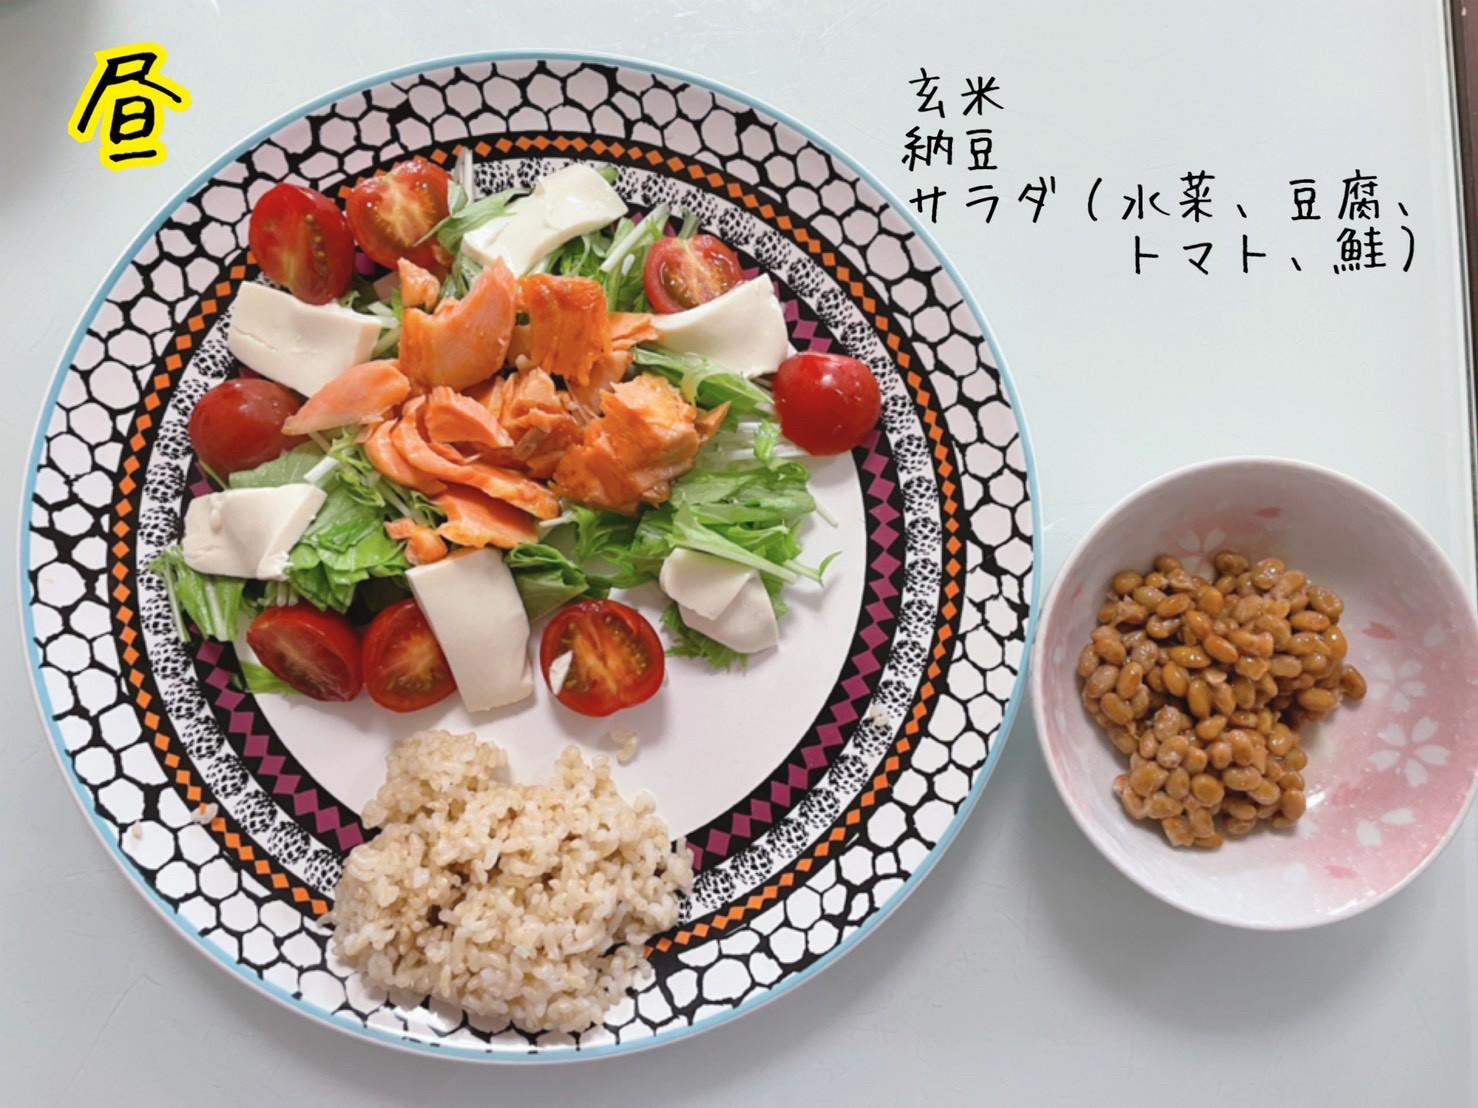 ダイエットボディメイク昼ごはん例(豆腐と鮭サラダ、納豆、玄米)